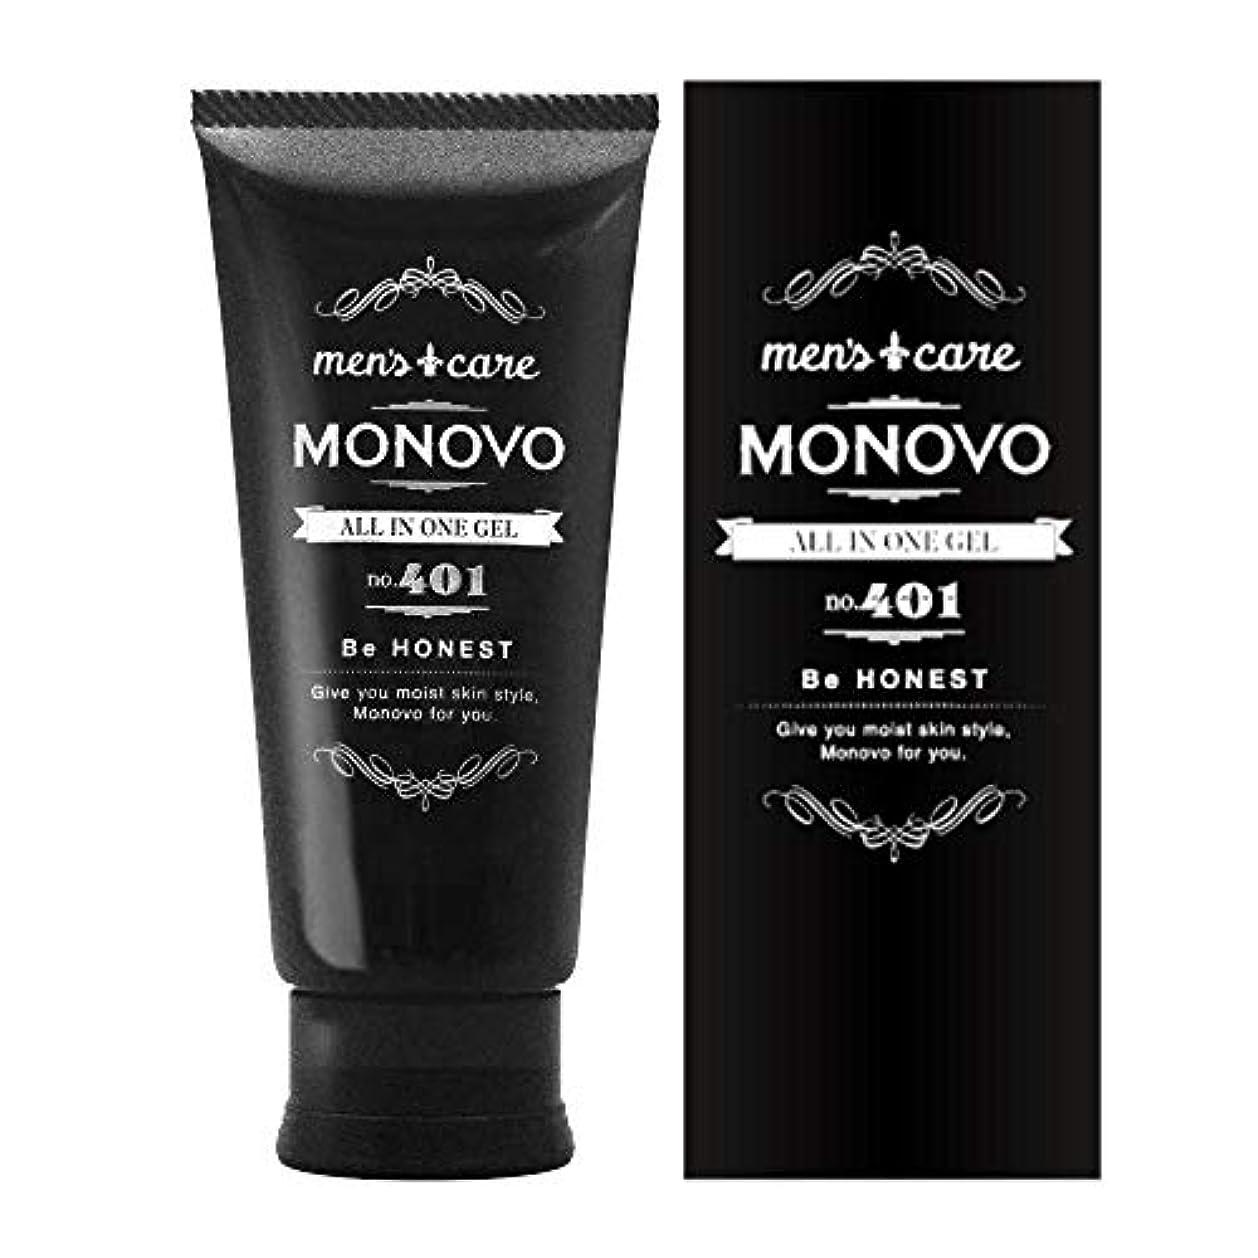 ドラッグ作動する理容師メンズ オールインワンジェル 男性用 スキンケア 3大保湿成分配合 MONOVO 1本/100g